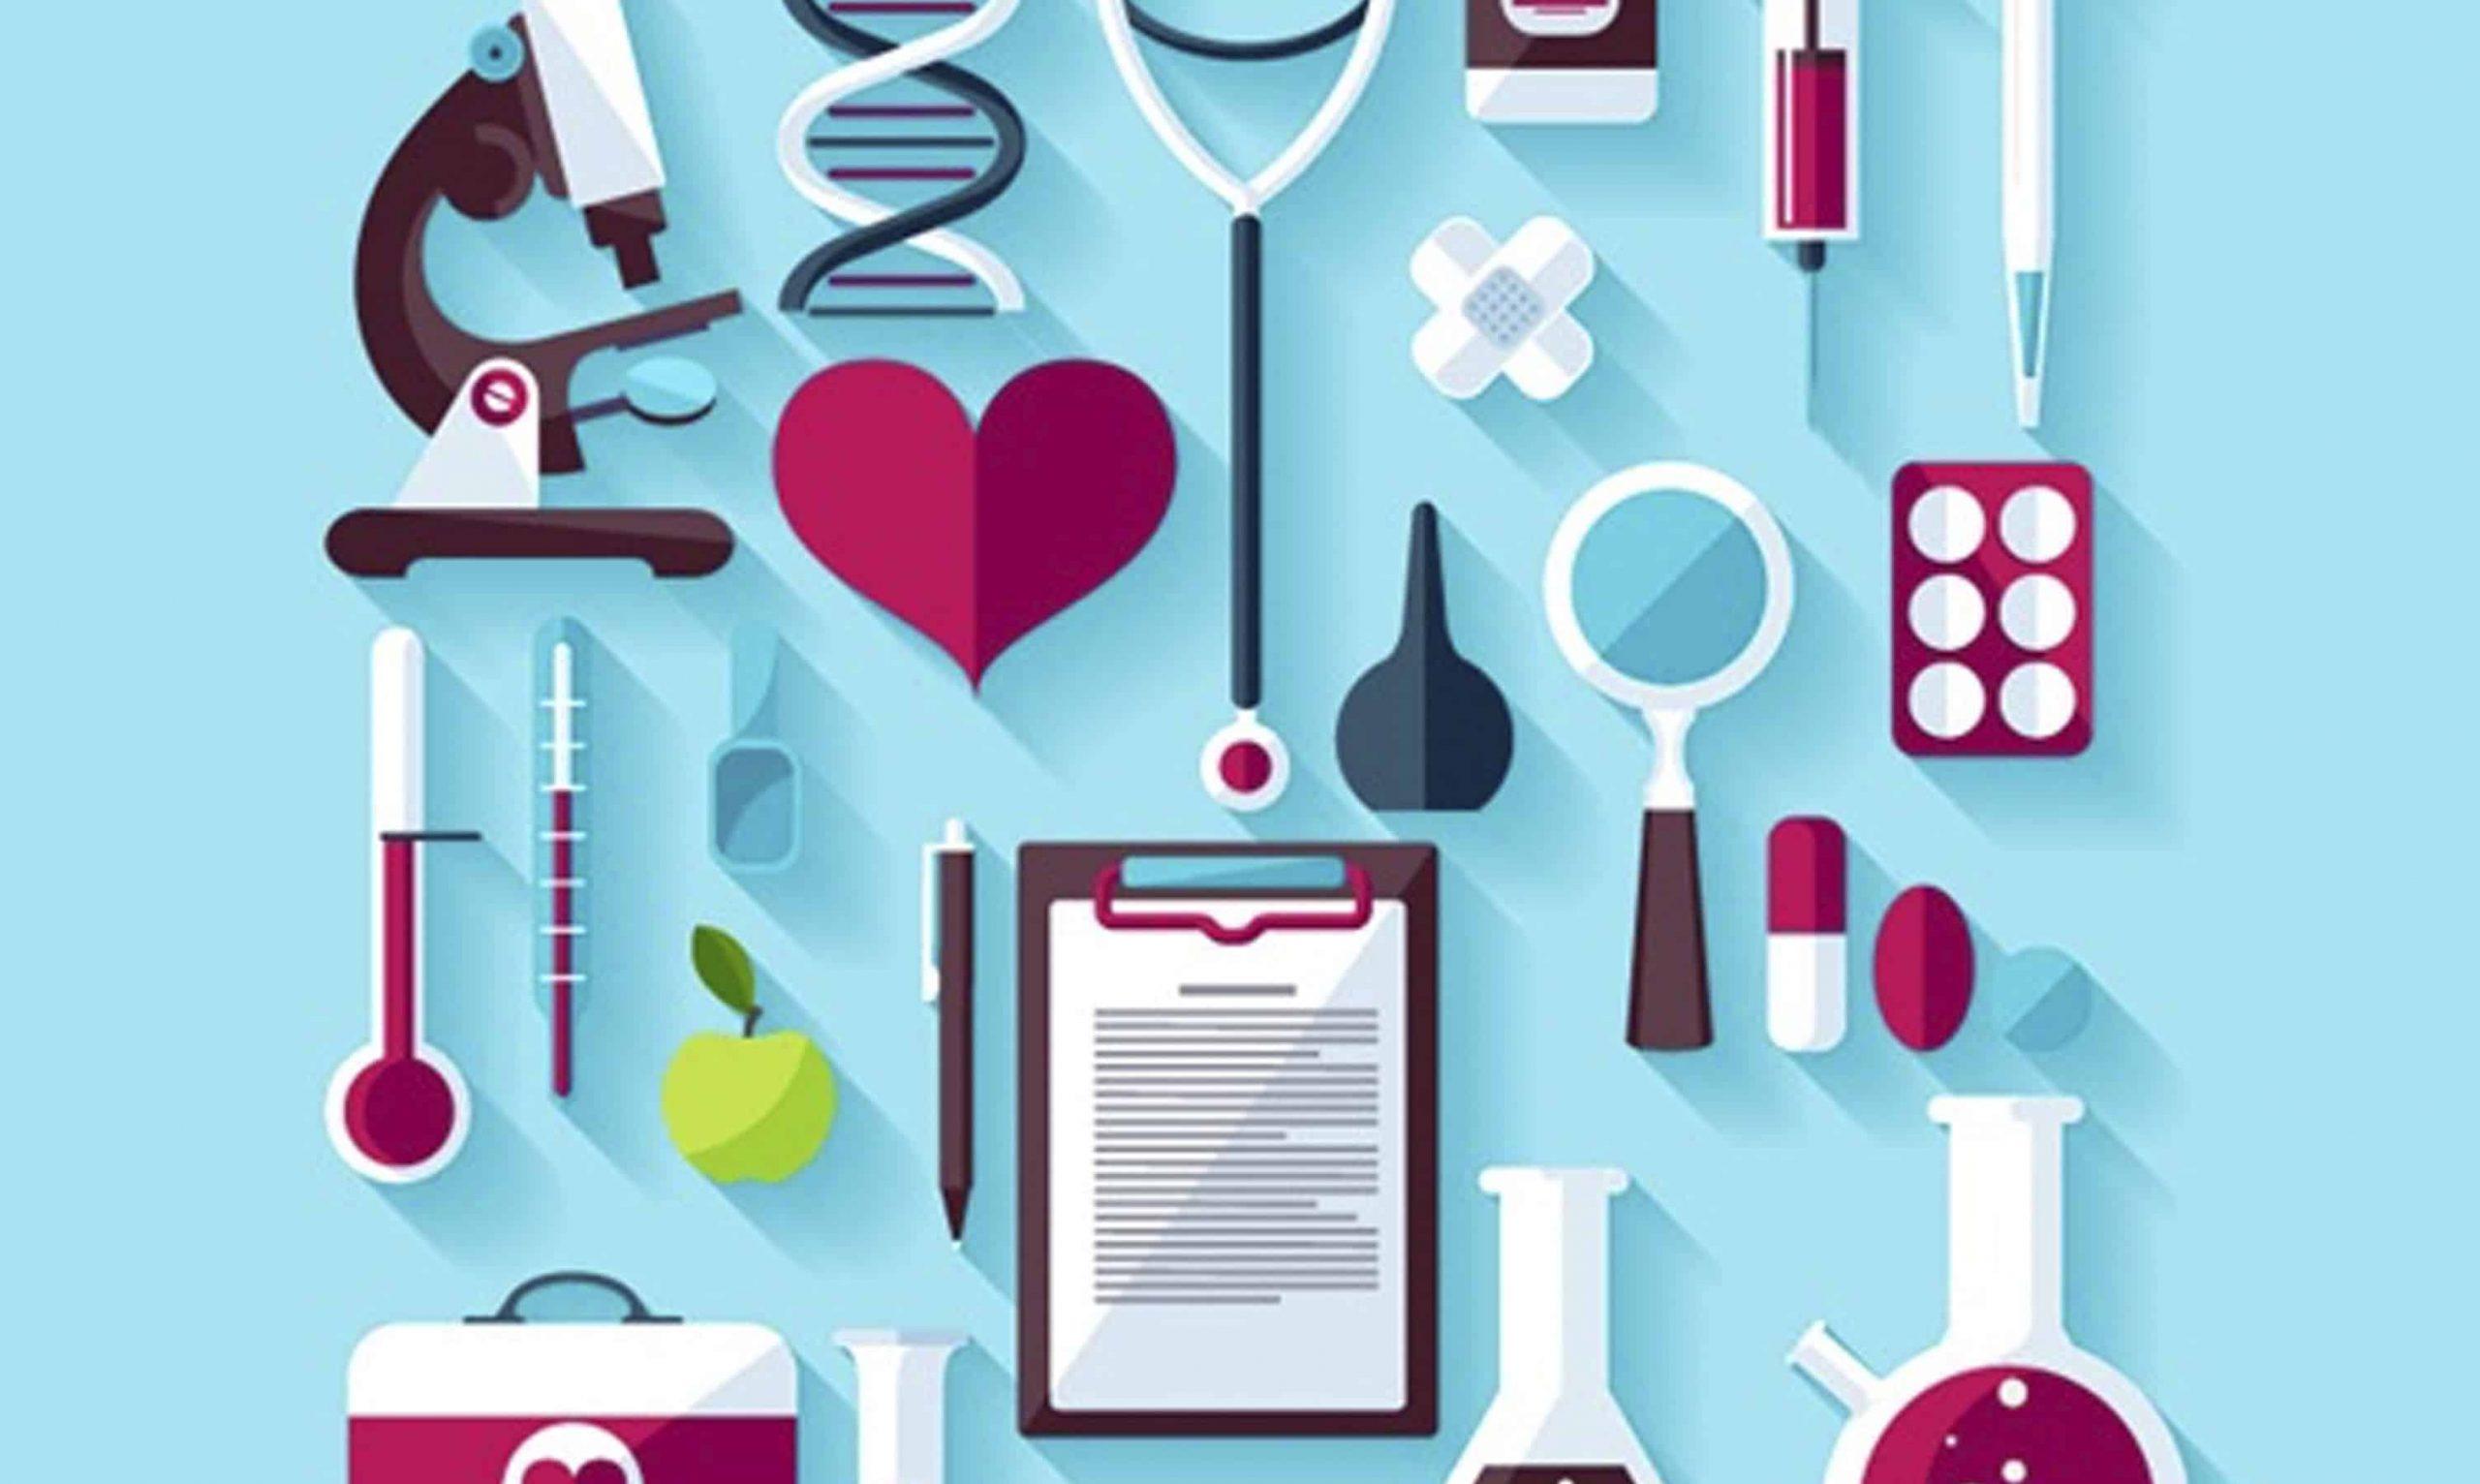 Ιατρική εικόνα τμηματοποίηση εργαλείο: Η χρήση της τεχνητής νοημοσύνης και η μείωση σφαλμάτων